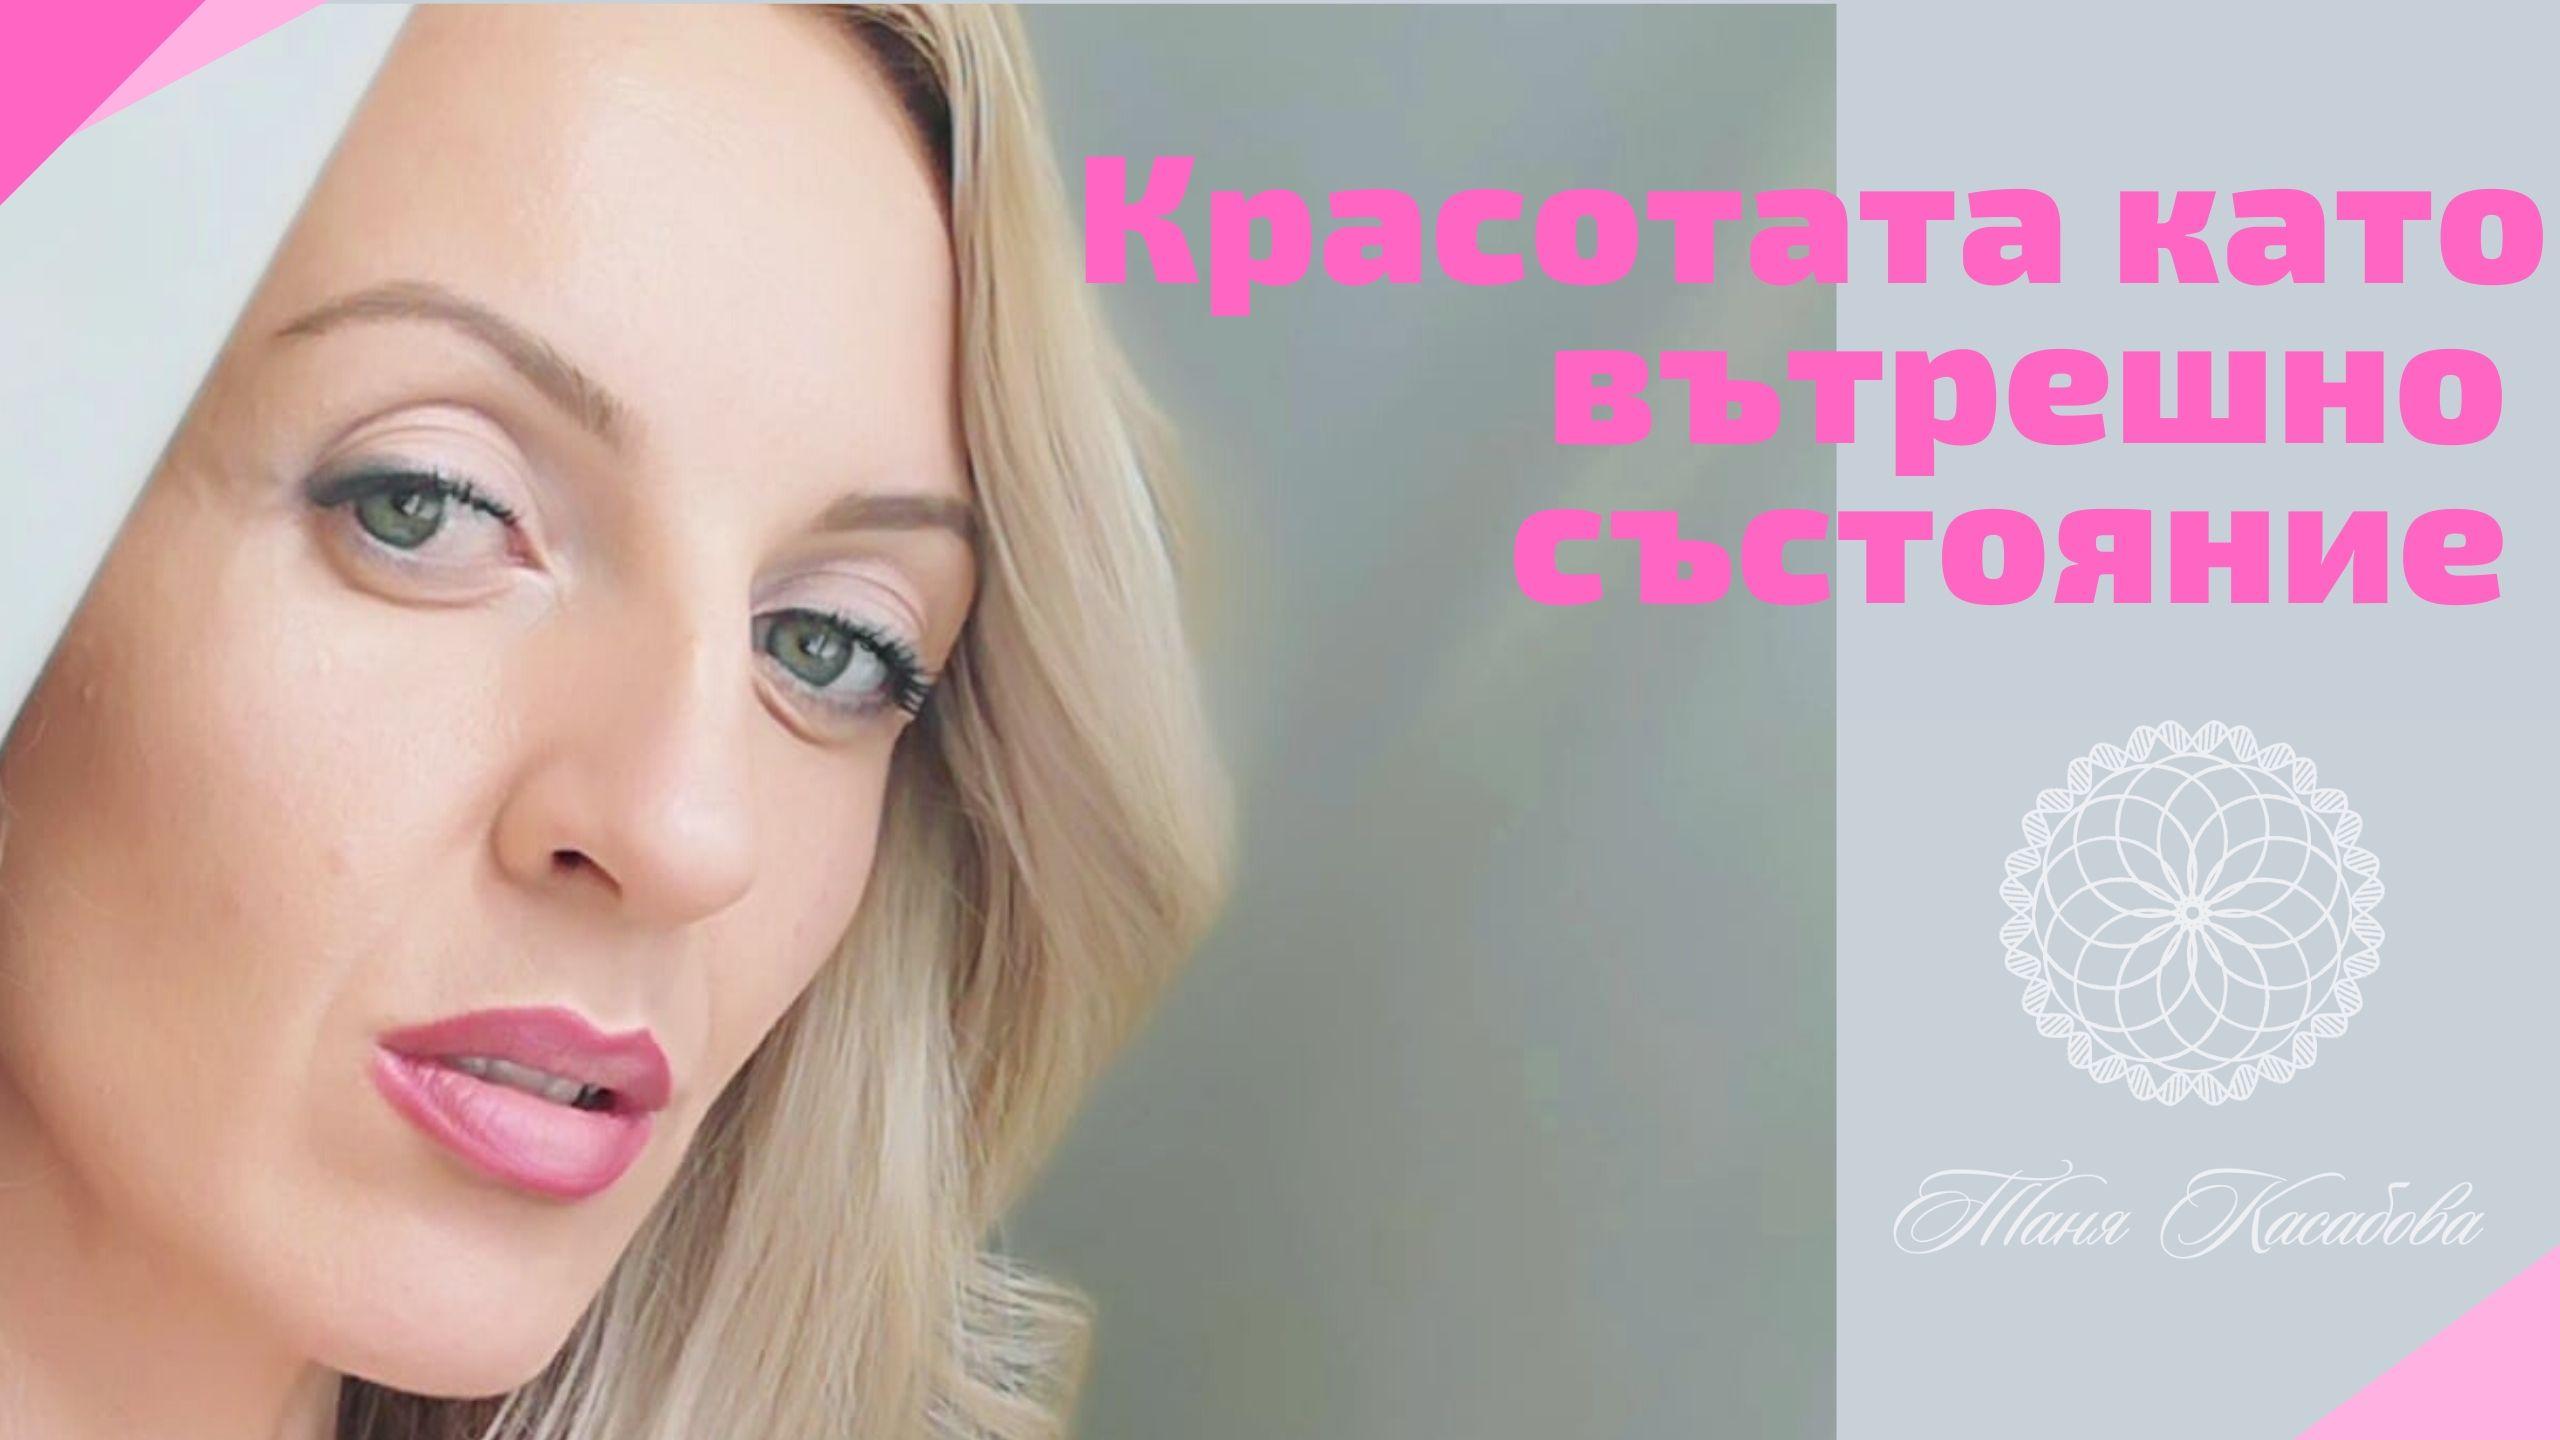 Красотата като вътрешно състояние | Facebook live